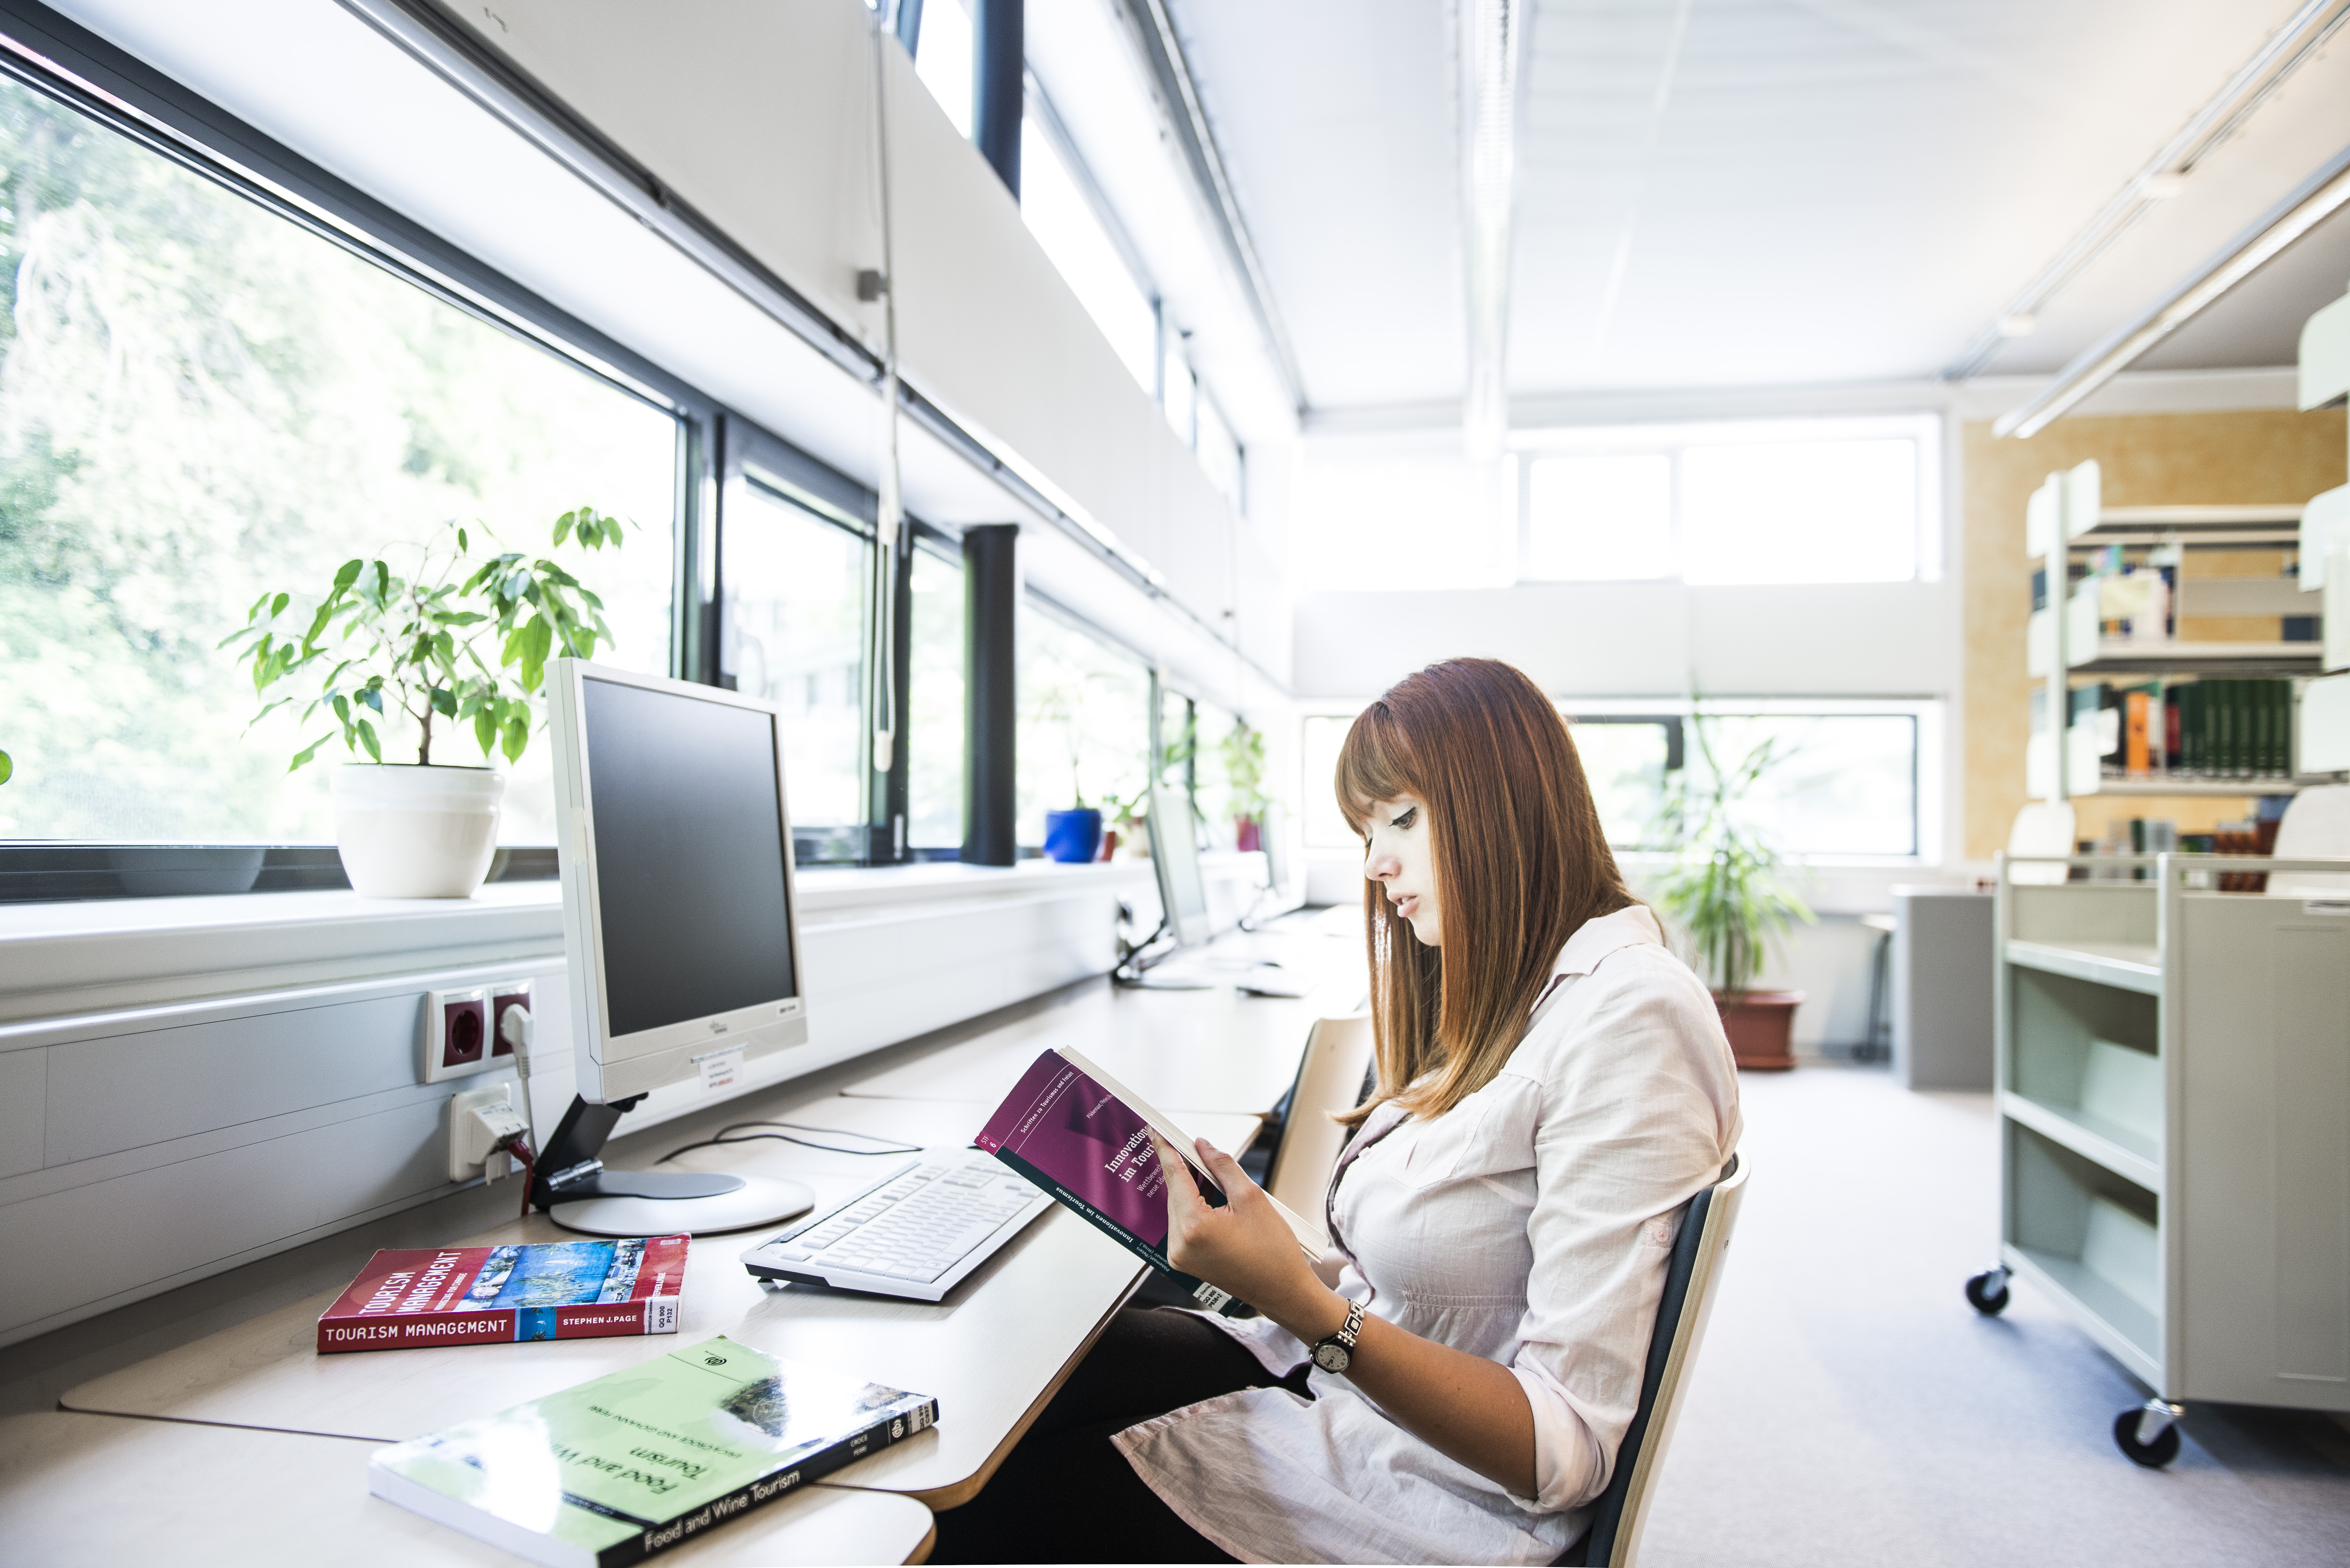 Studentin sitzt in der Bibliothek der FH JOANNEUM Bad Gleichenberg und blättert in einem Buch.